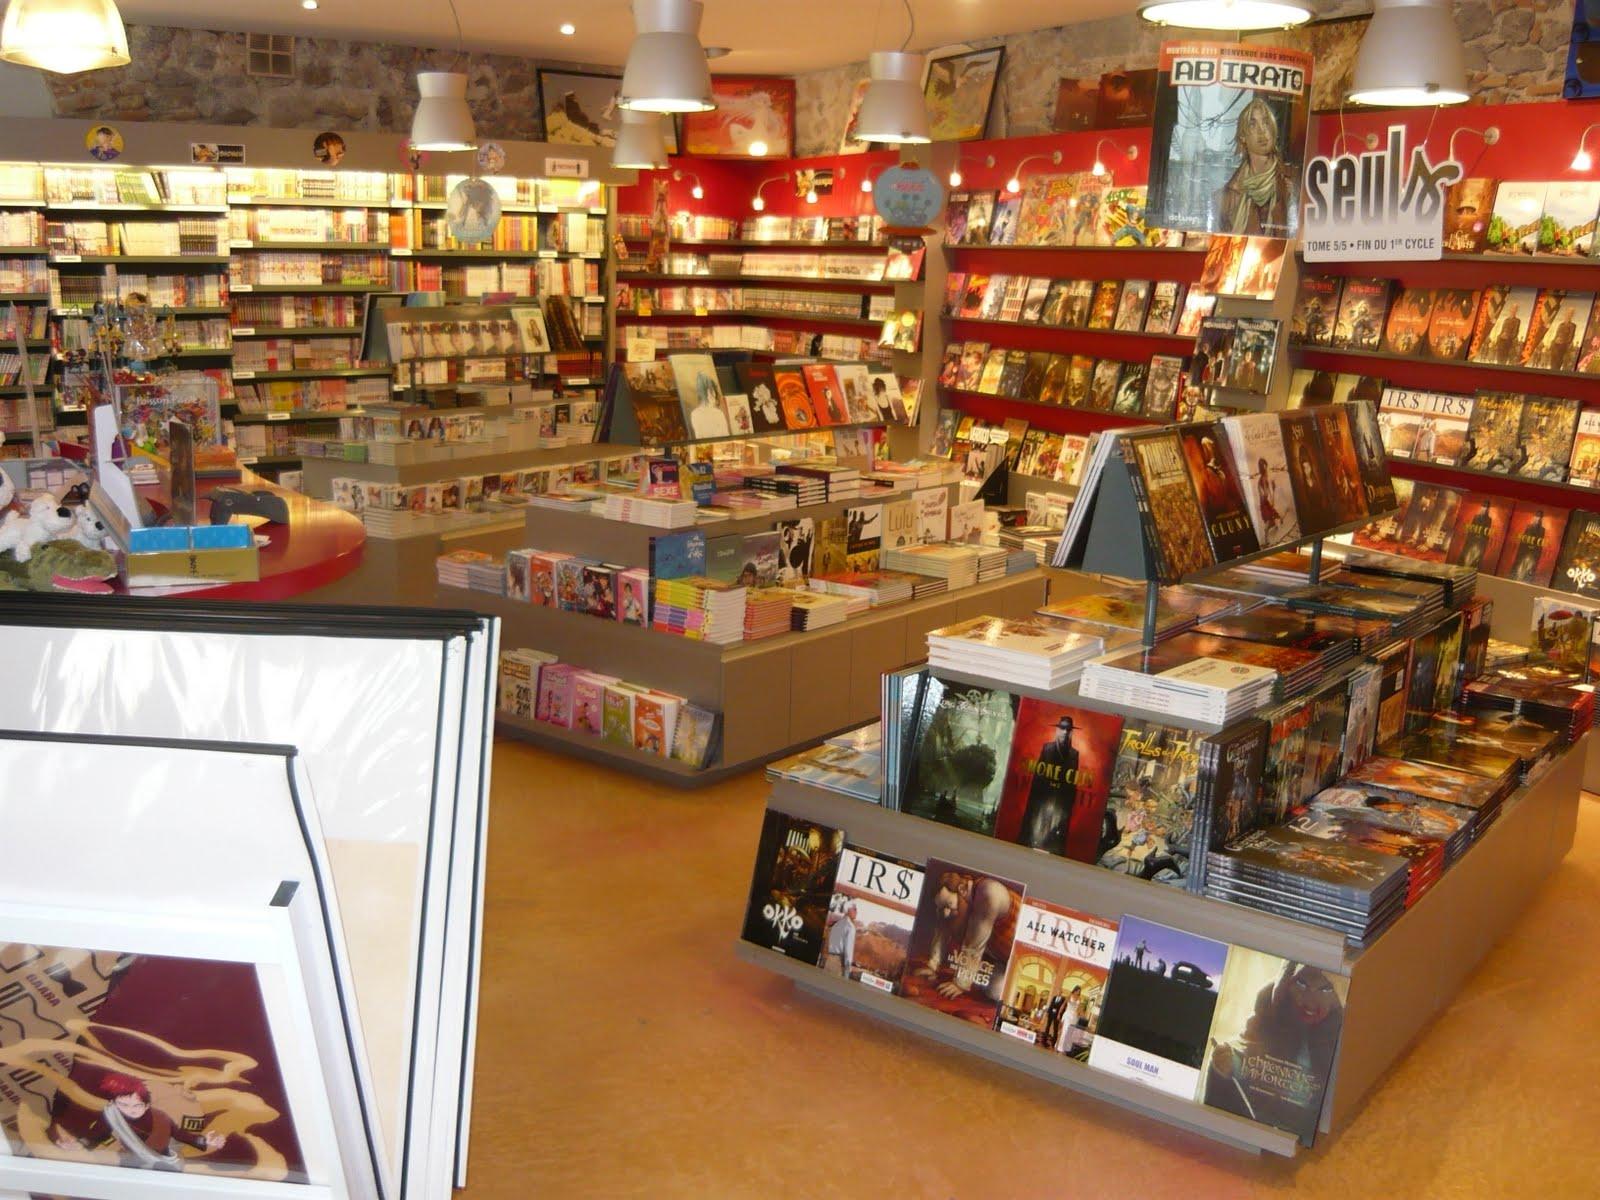 les rayons de la librairie © Bdfugue